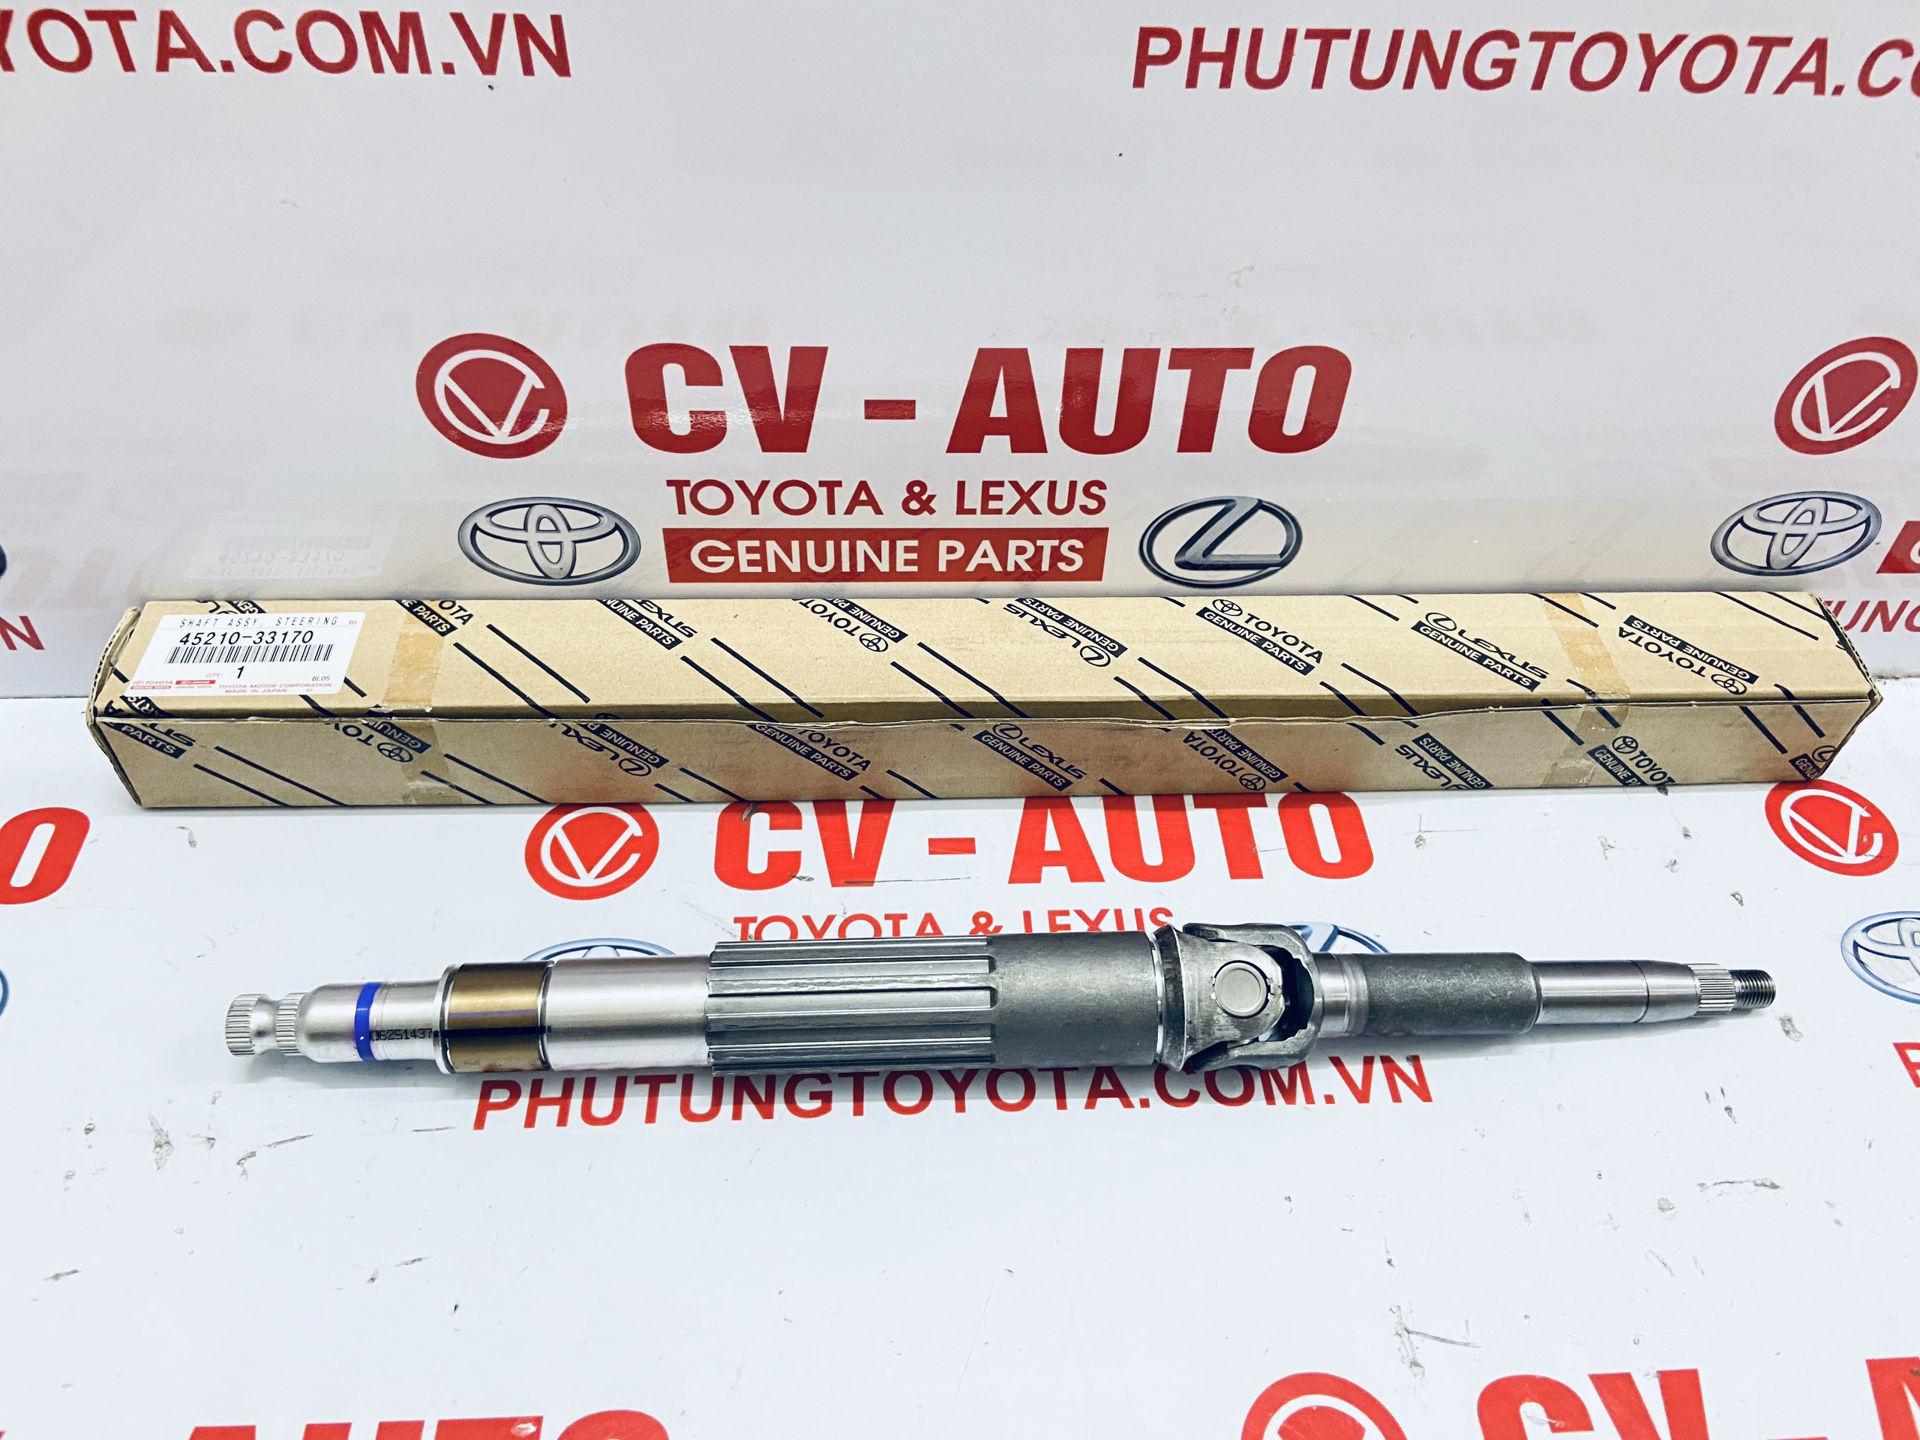 Picture of 45210-33170 Trục lái chính Lexus ES350 / Toyota Camry hàng chính hãng